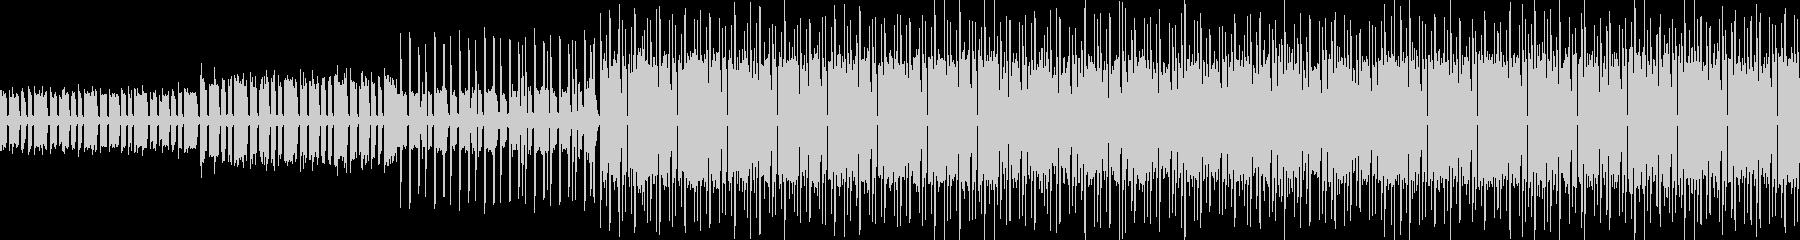 新しくて懐かしいエレクトロミュージックの未再生の波形